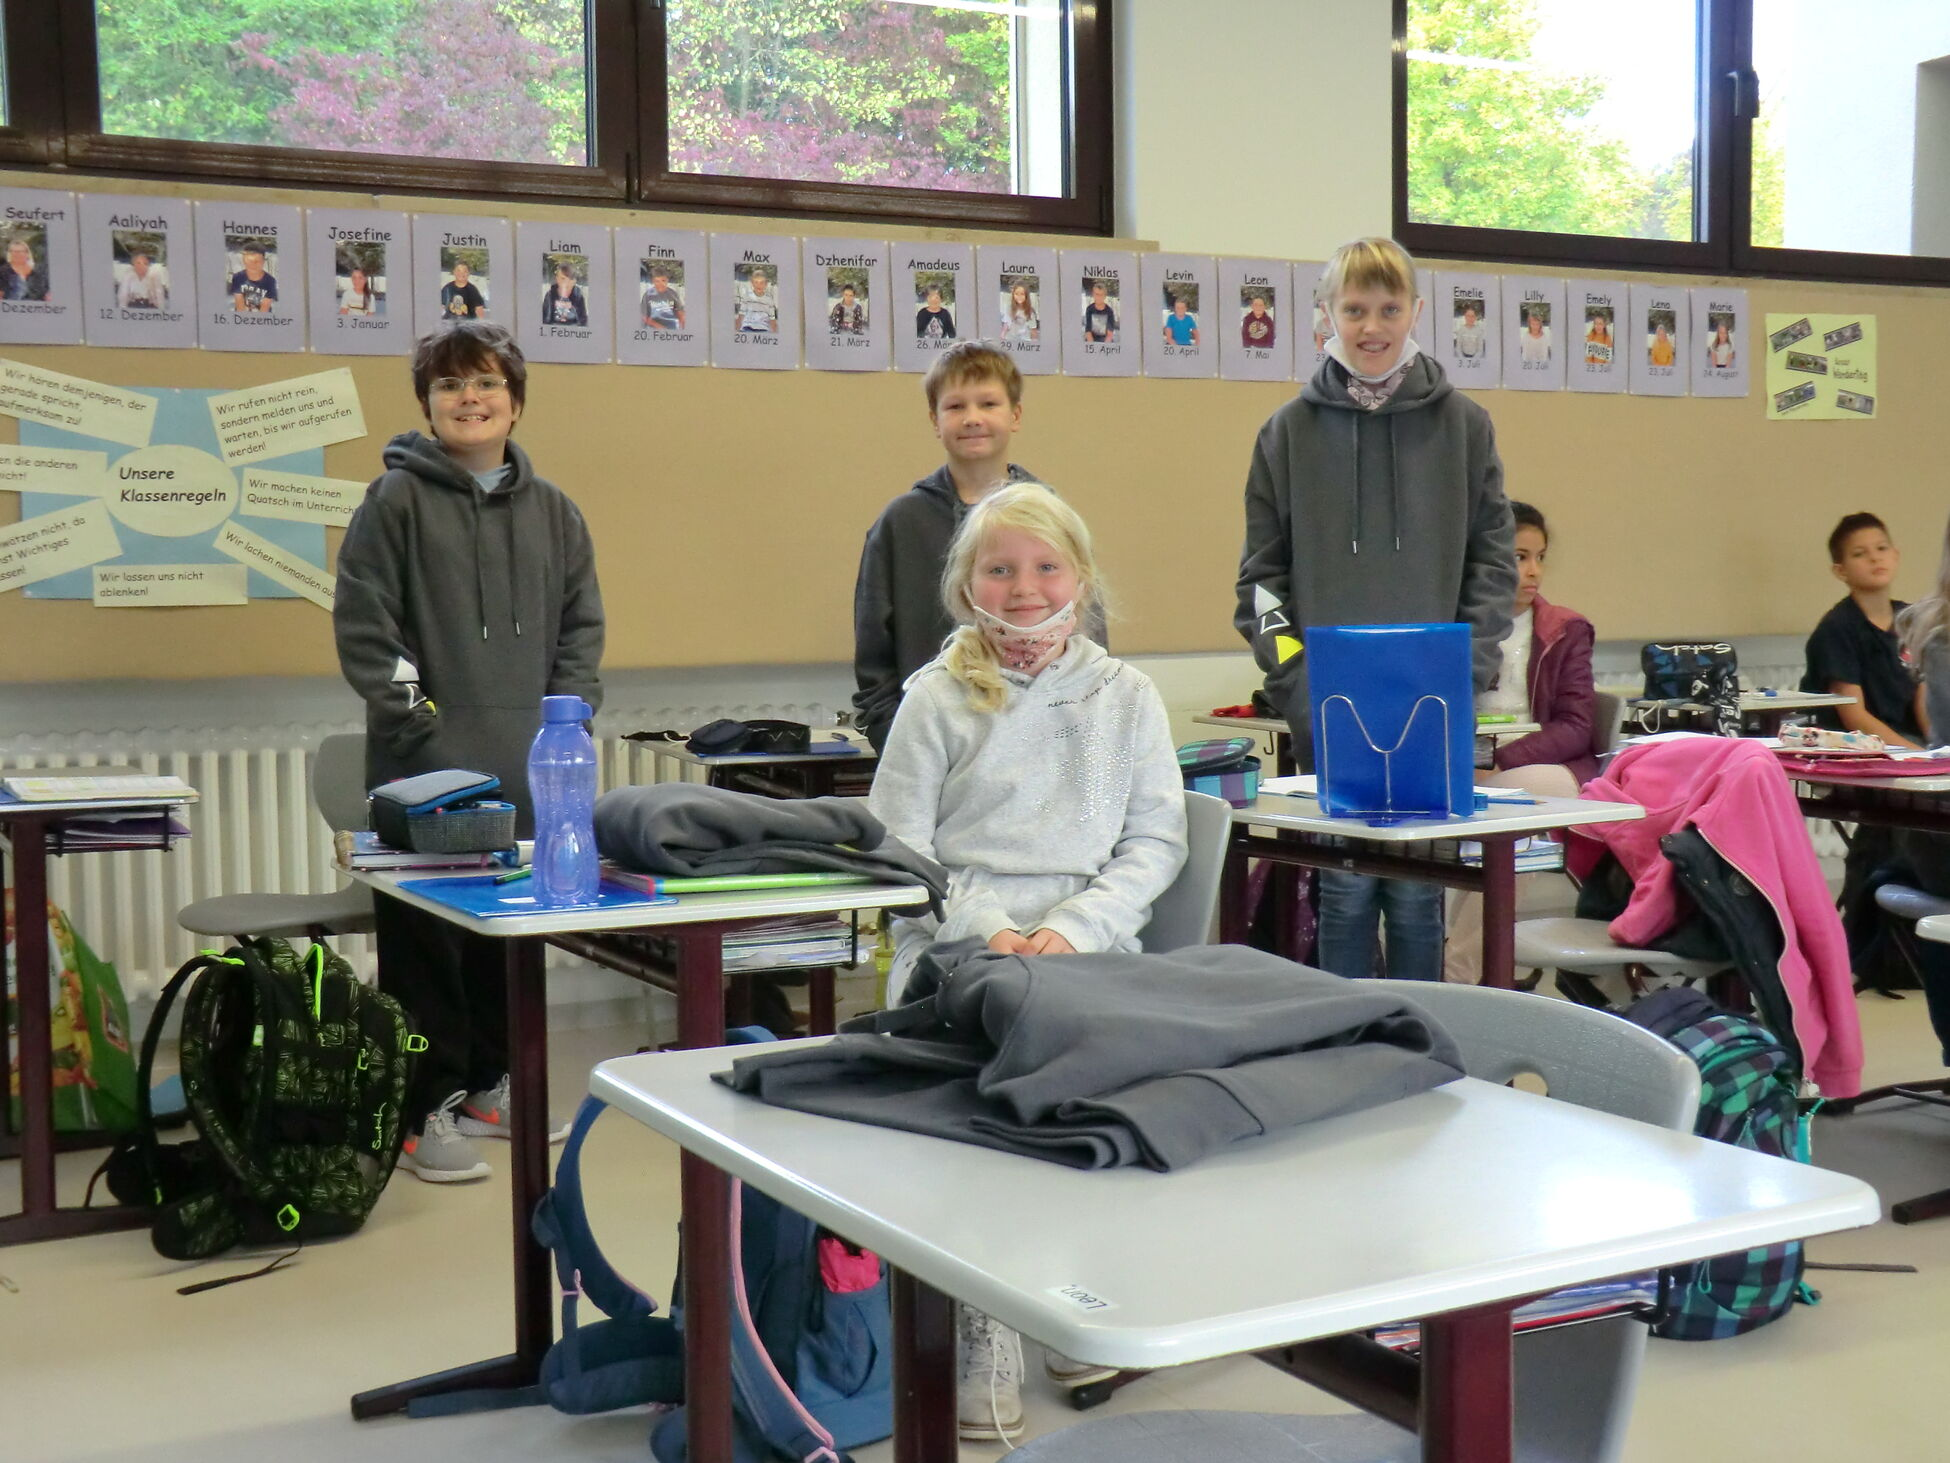 Schulkleidung - 5. Klasse II